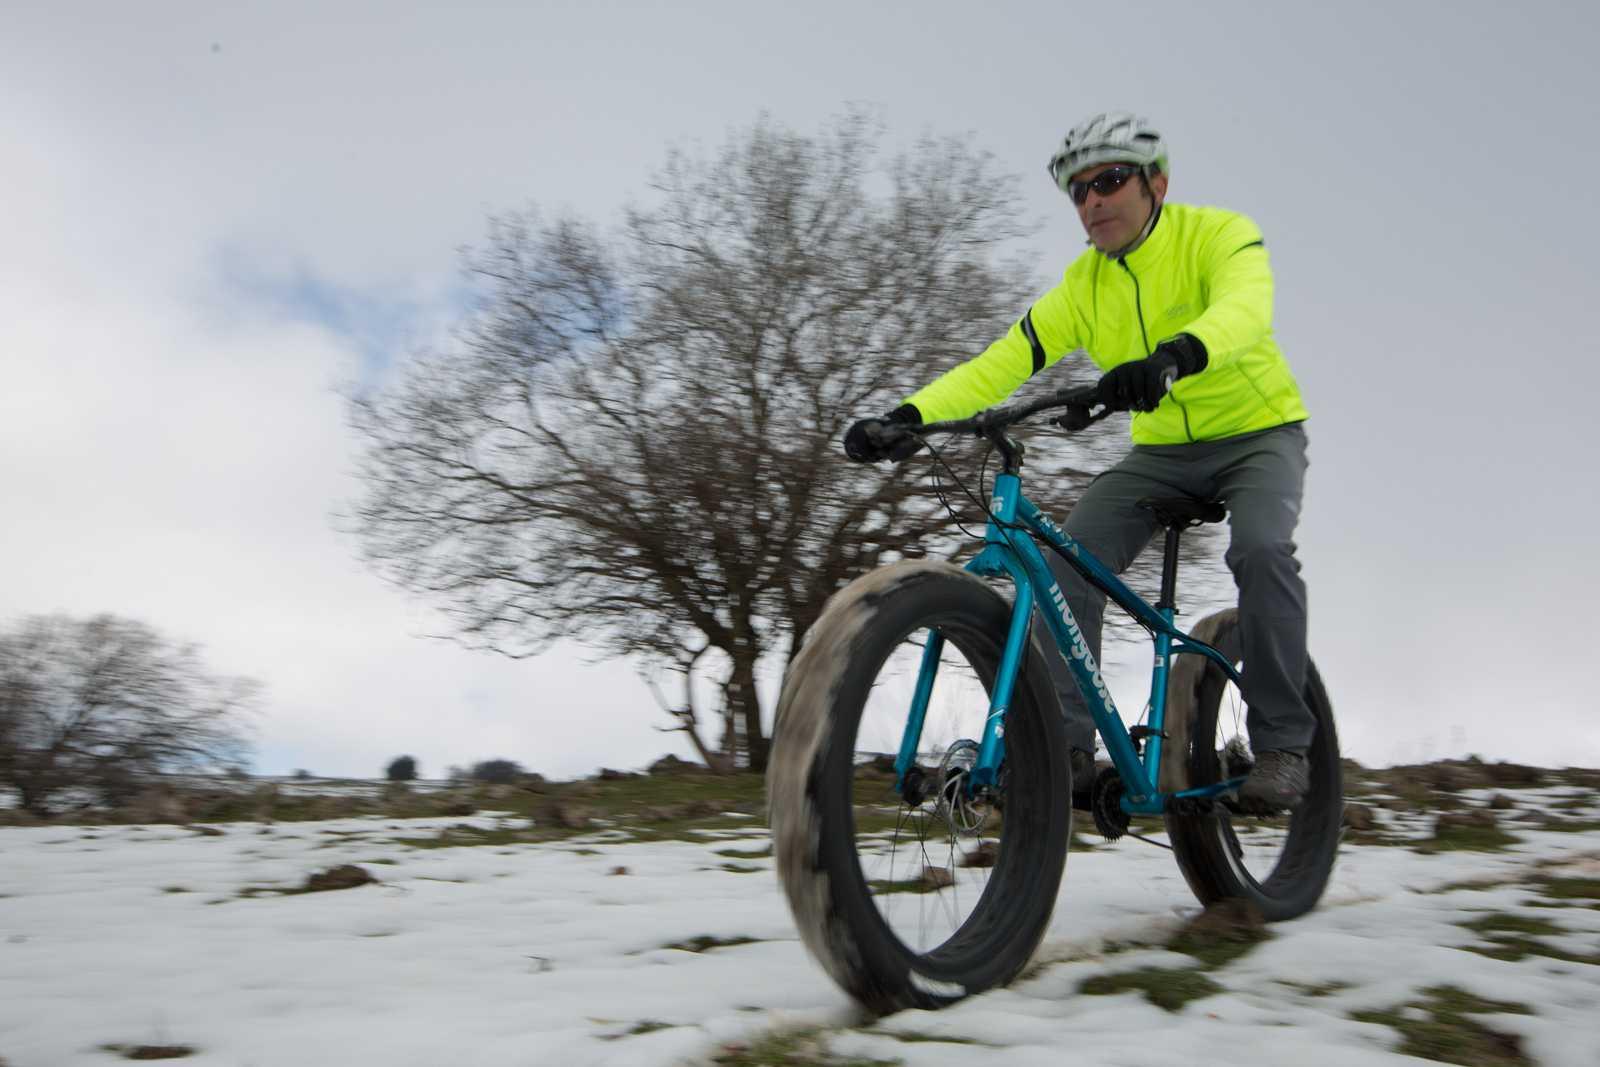 מבחן אופניים MONGOOSE ARGUS. שלג, דיונות וטיילת. האופניים שמשכו הכי הרבה תשומת לב - EVER! צילום: תומר פדר